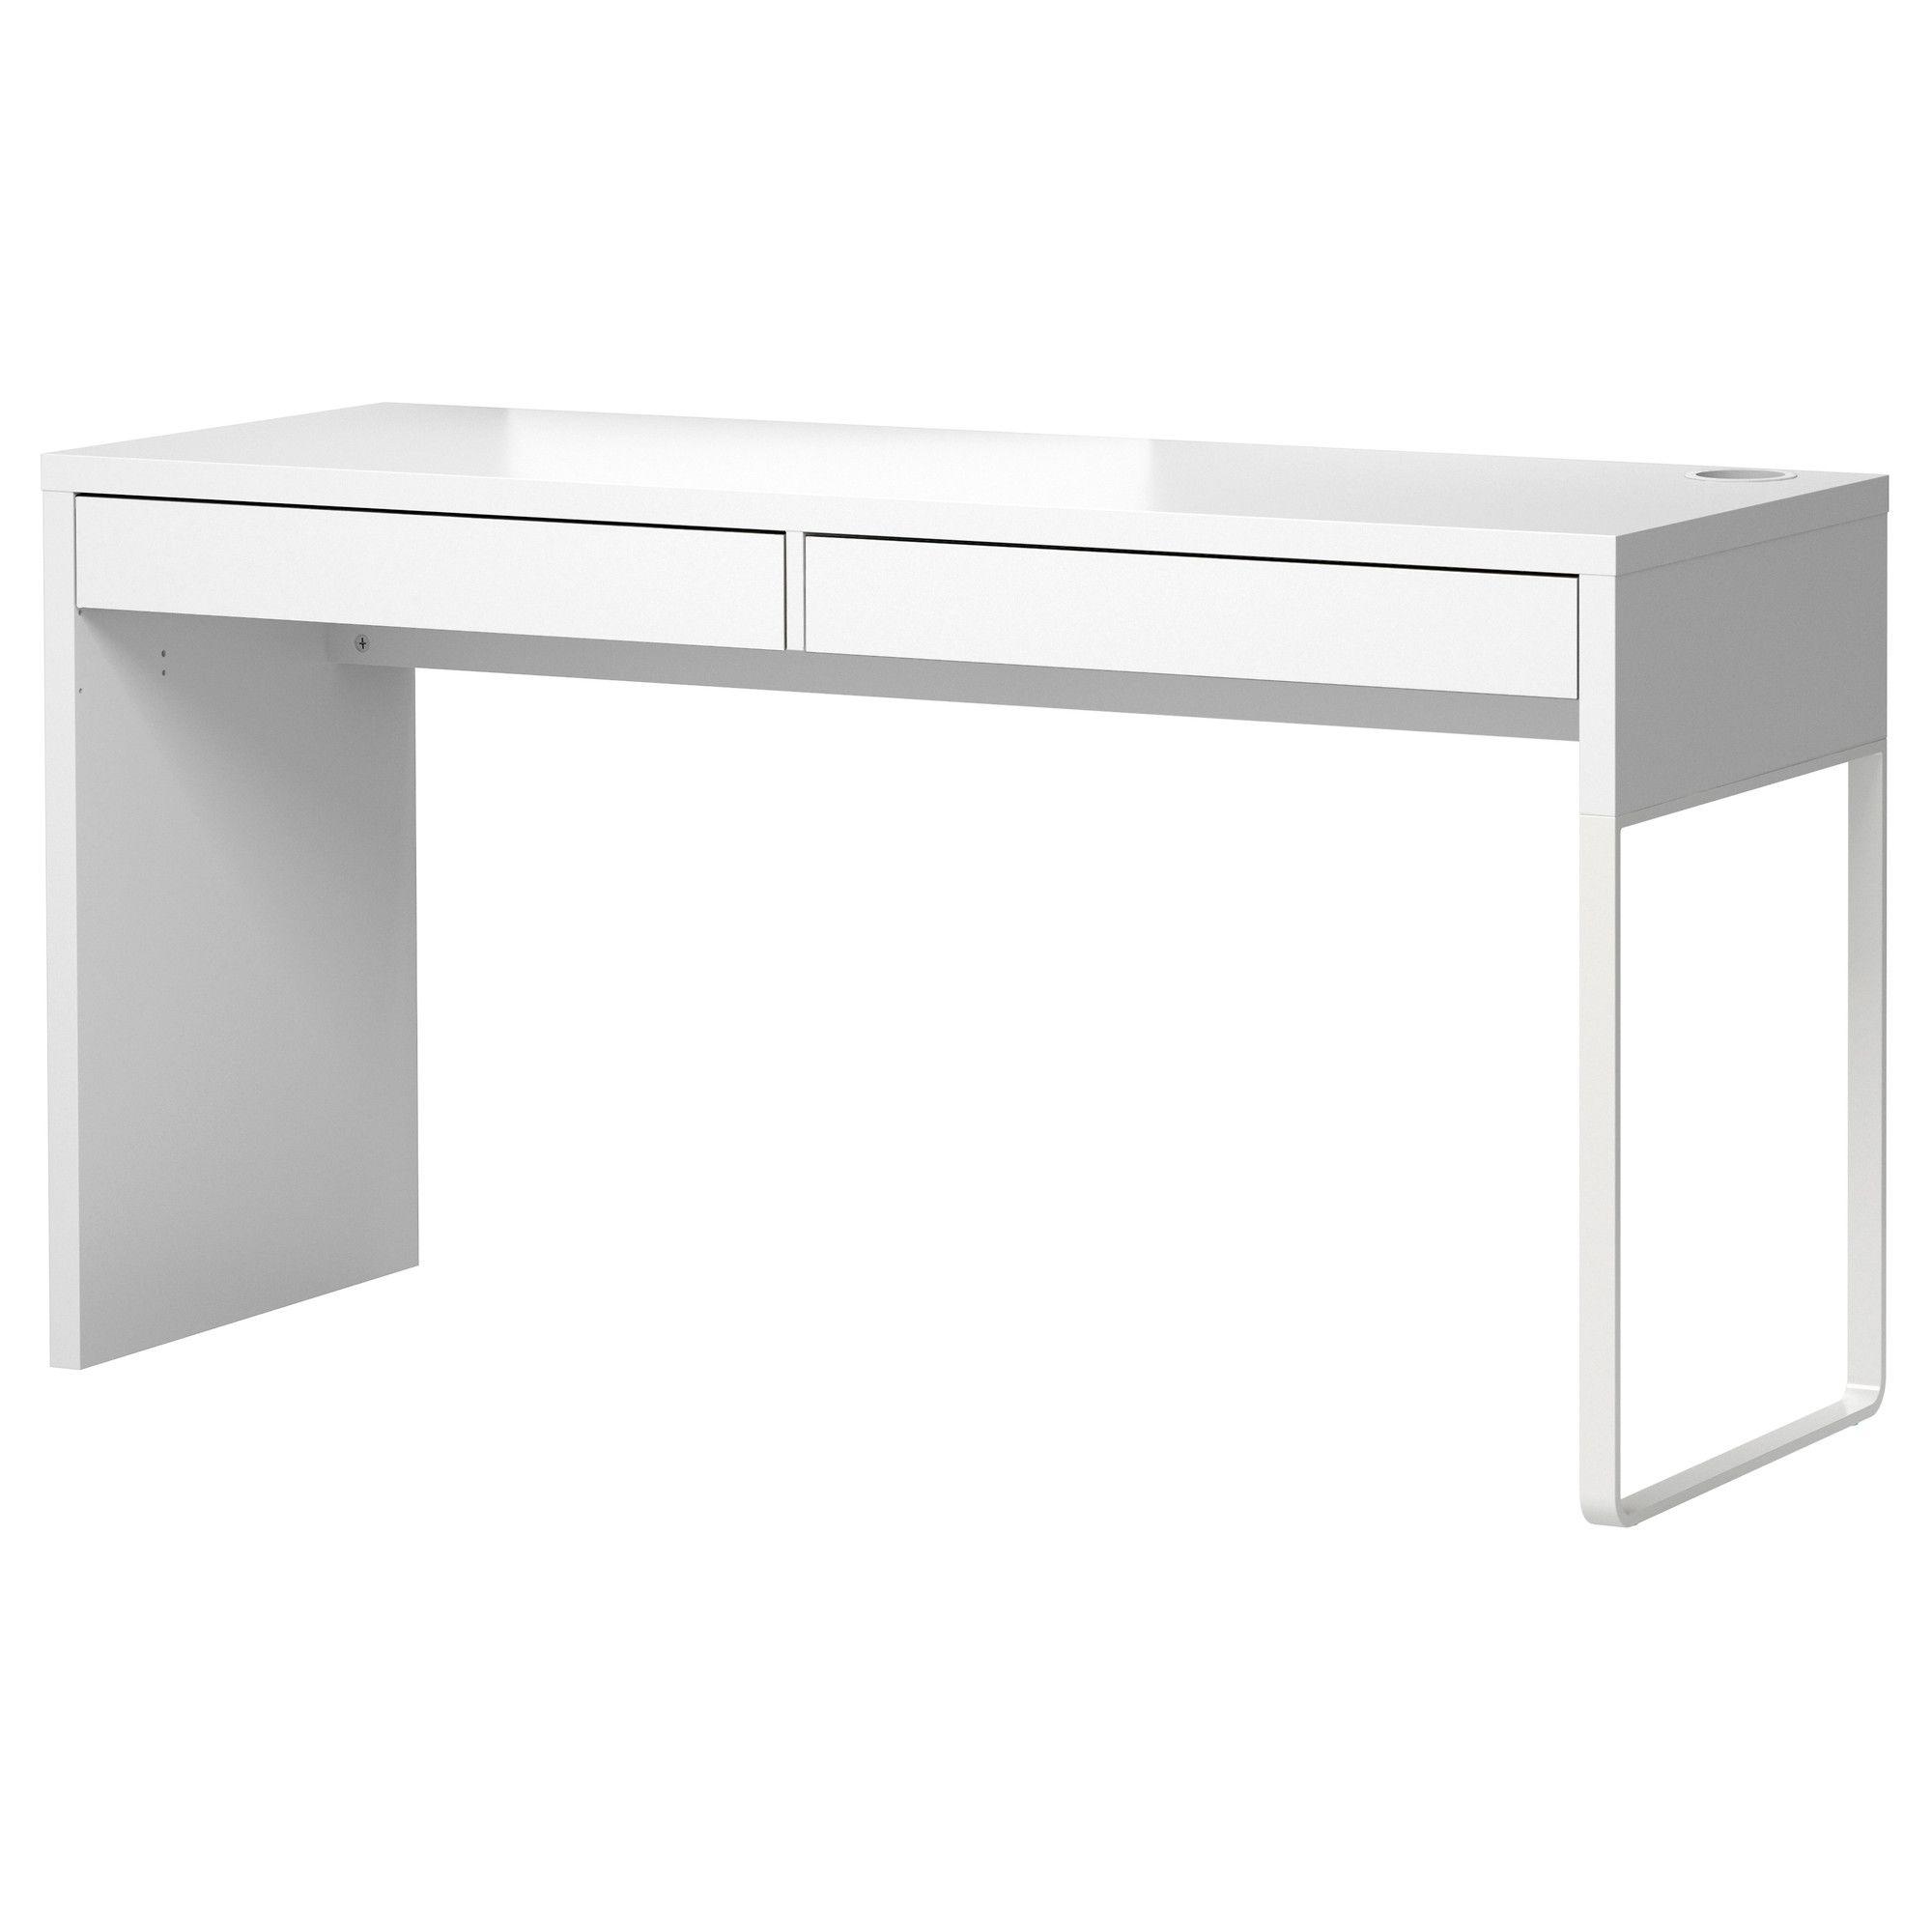 Eckschreibtisch weiß ikea  MICKE Desk, white | Micke desk, Desks and Bench seat